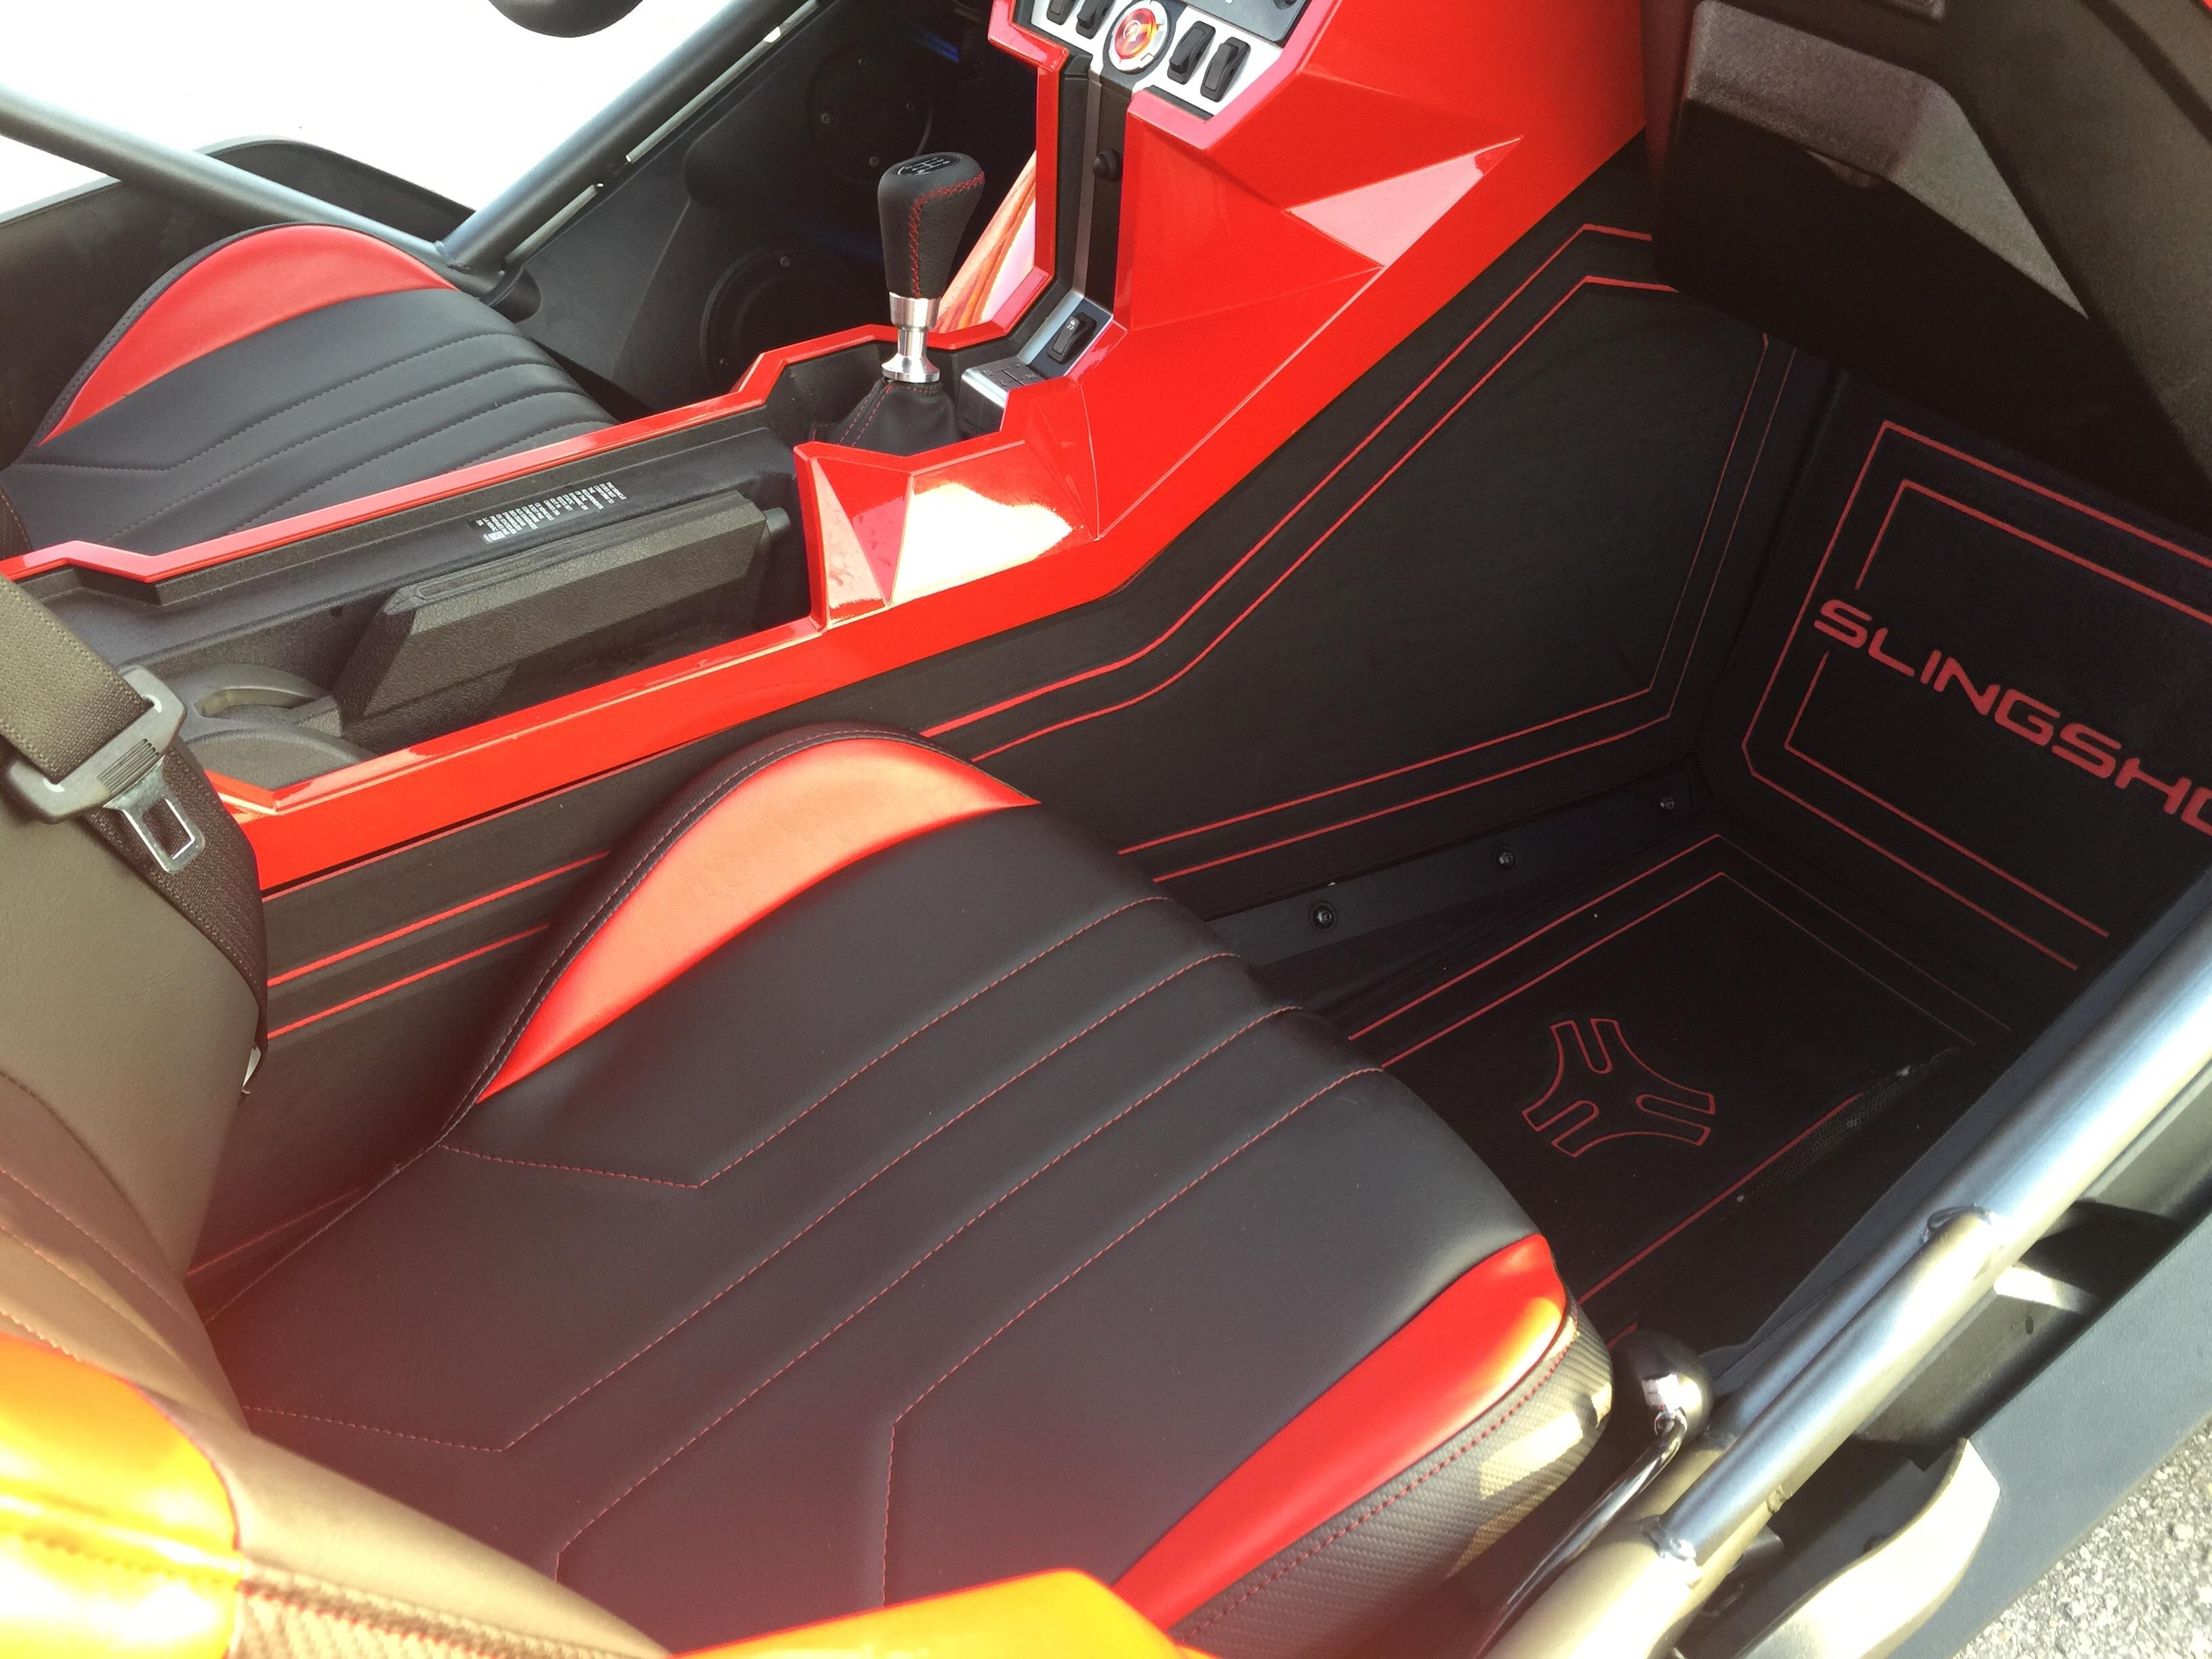 mats ip mat com best piece black armor all walmart floor rubber interior